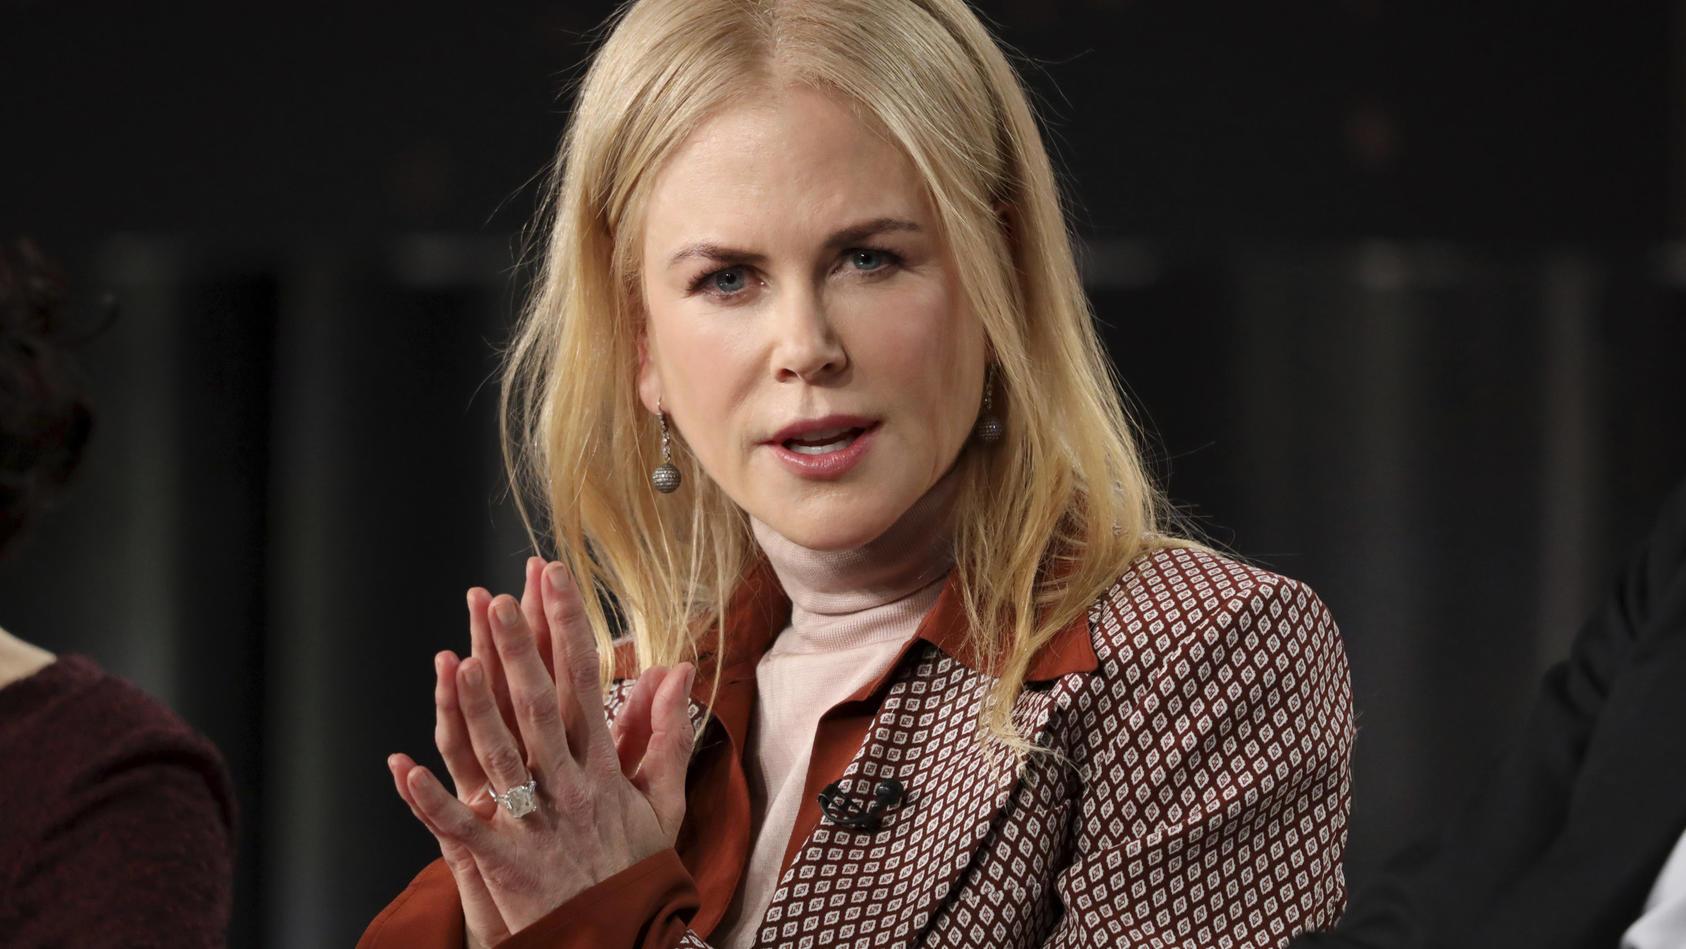 Nicole Kidman möchte ihre Töchter von Instagram fernhalten